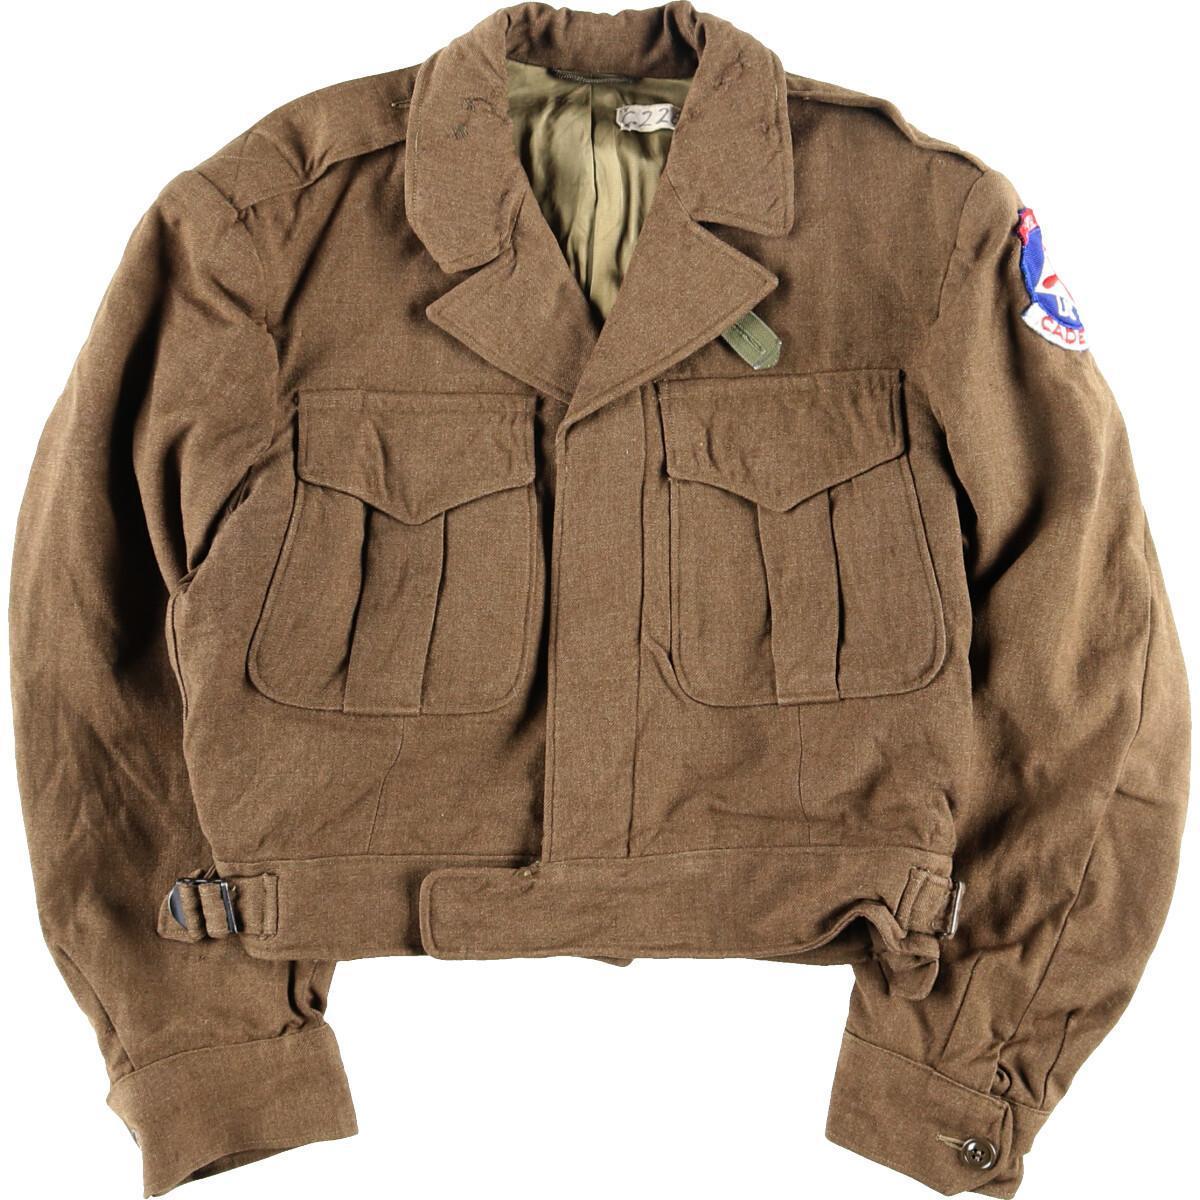 40年代 米軍実品 アイクジャケット ミリタリージャケット メンズS ヴィンテージ /wbj3167 【中古】 【191201】【VTG】【SS2003】